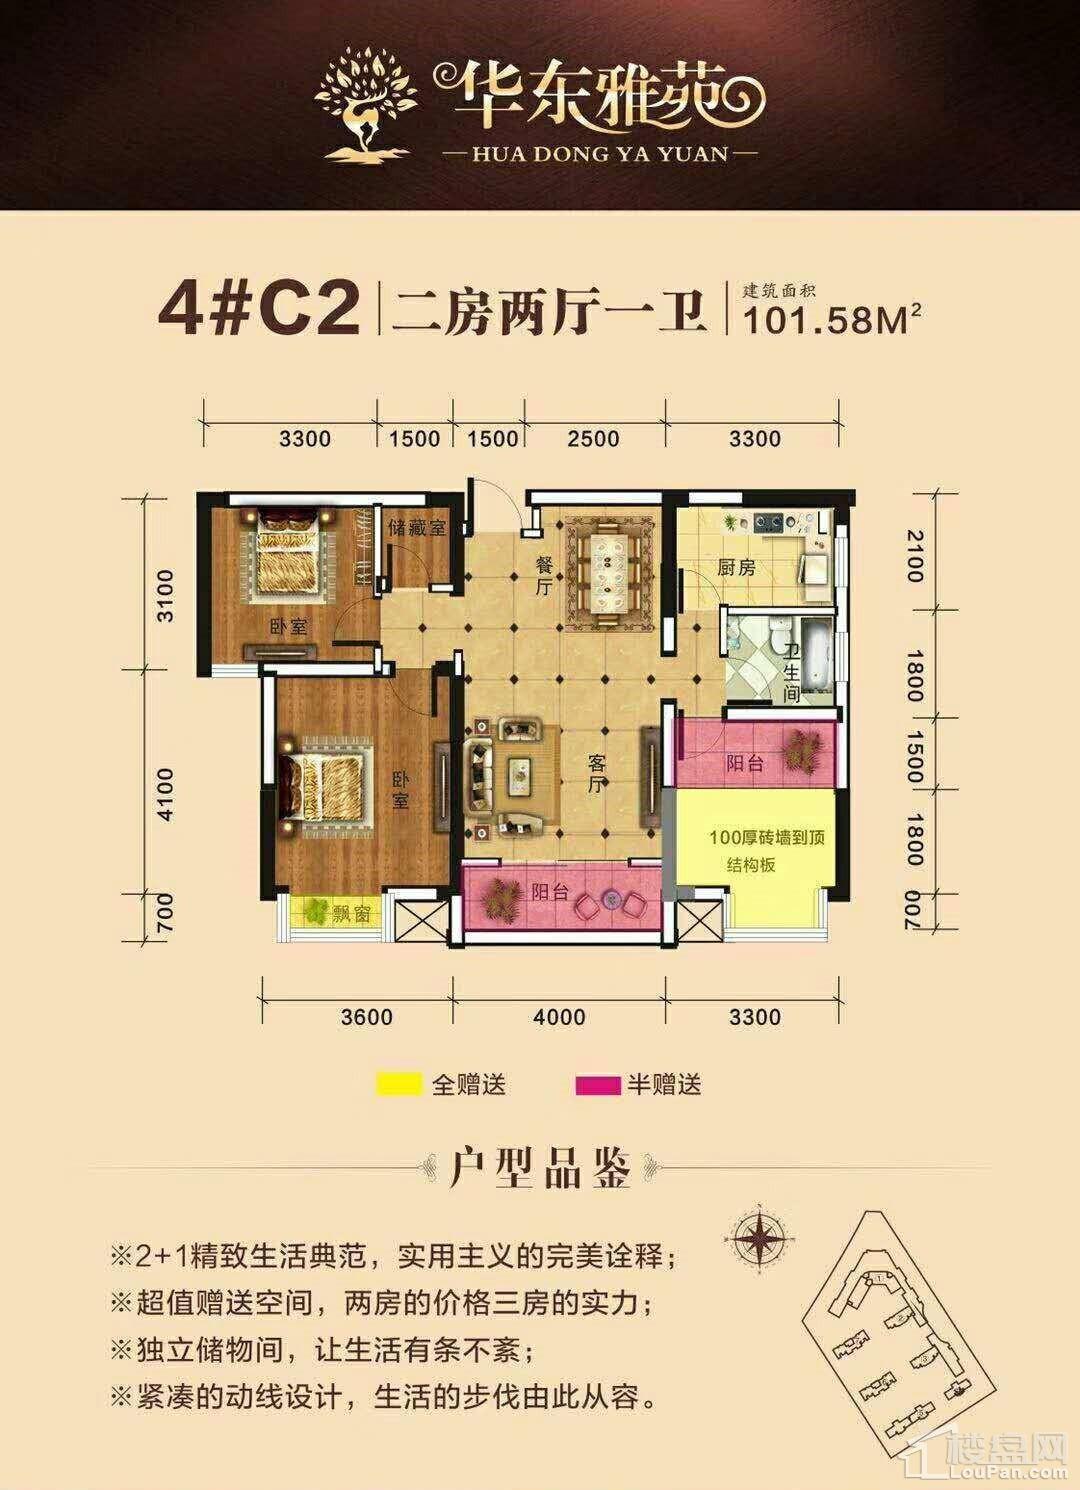 华东雅苑4栋C2户型